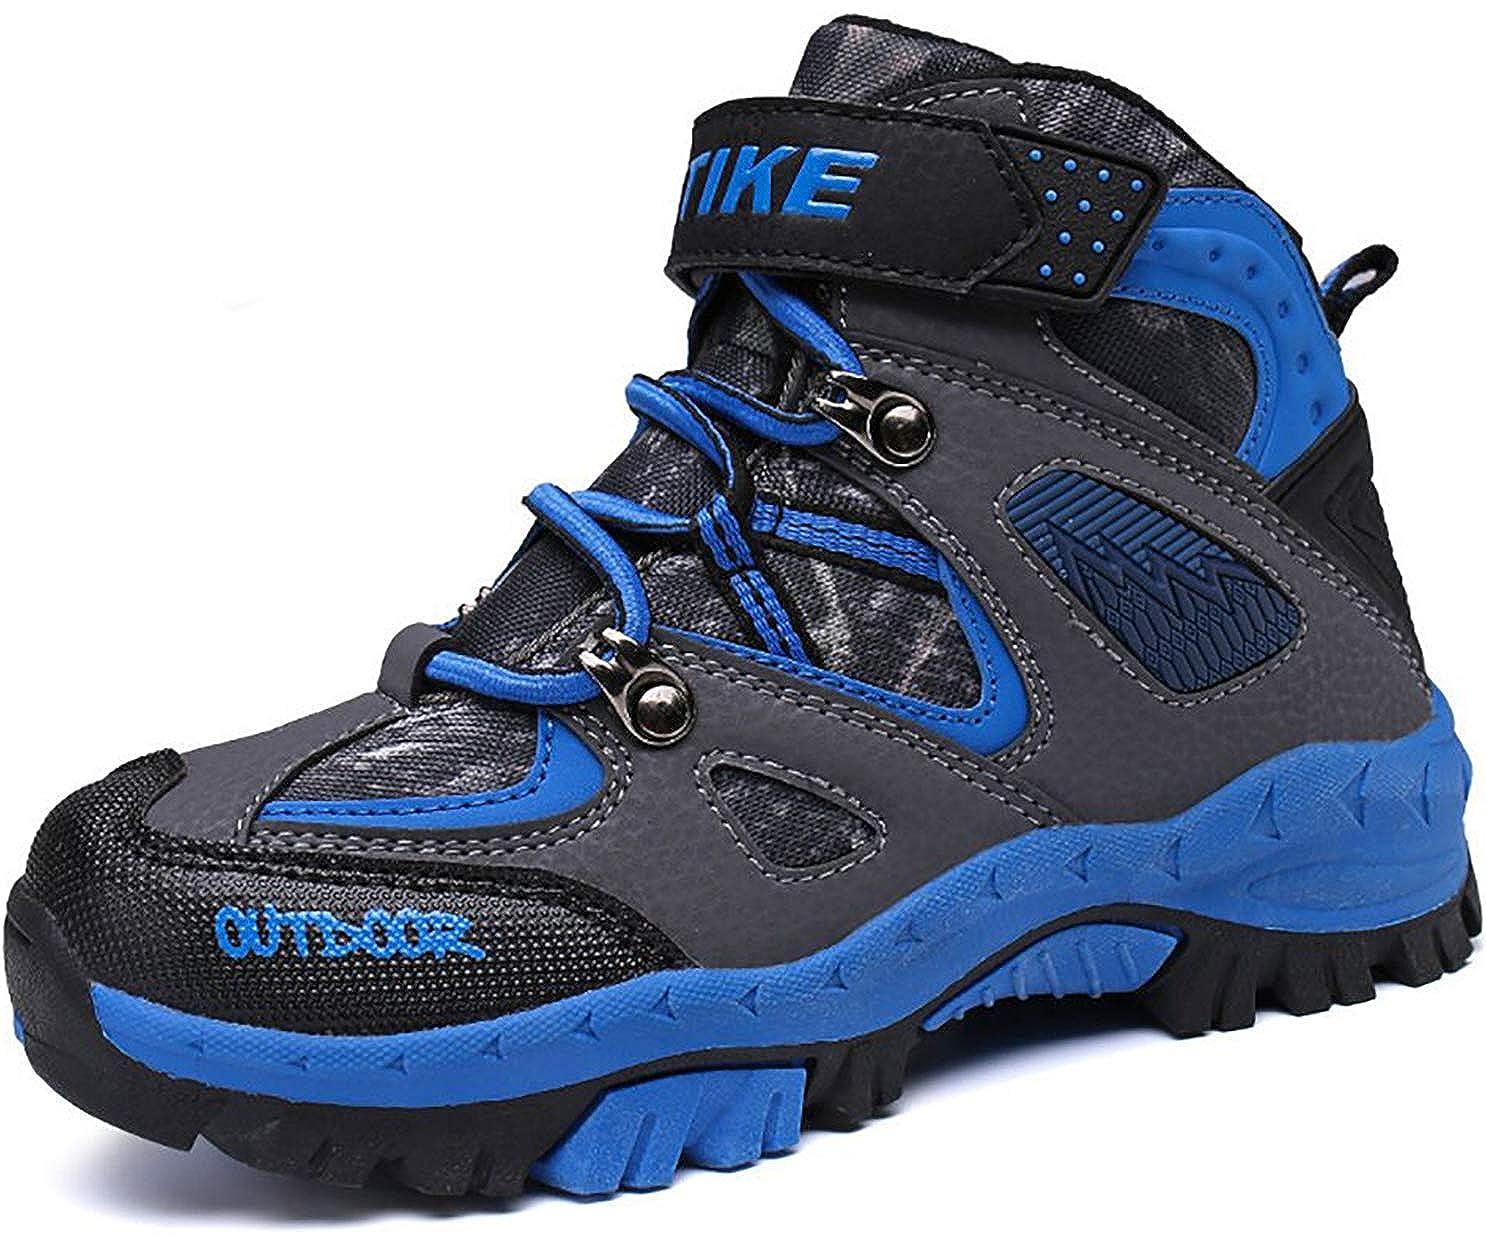 VITIKE Kinder Schneestiefel Jungen Warmfutter Jungen Schneestiefel Wanderschuhe Sportlich bequem Schuhe Outdoor Wandern Trekking Jungen Stiefel M/ädchen Stiefel